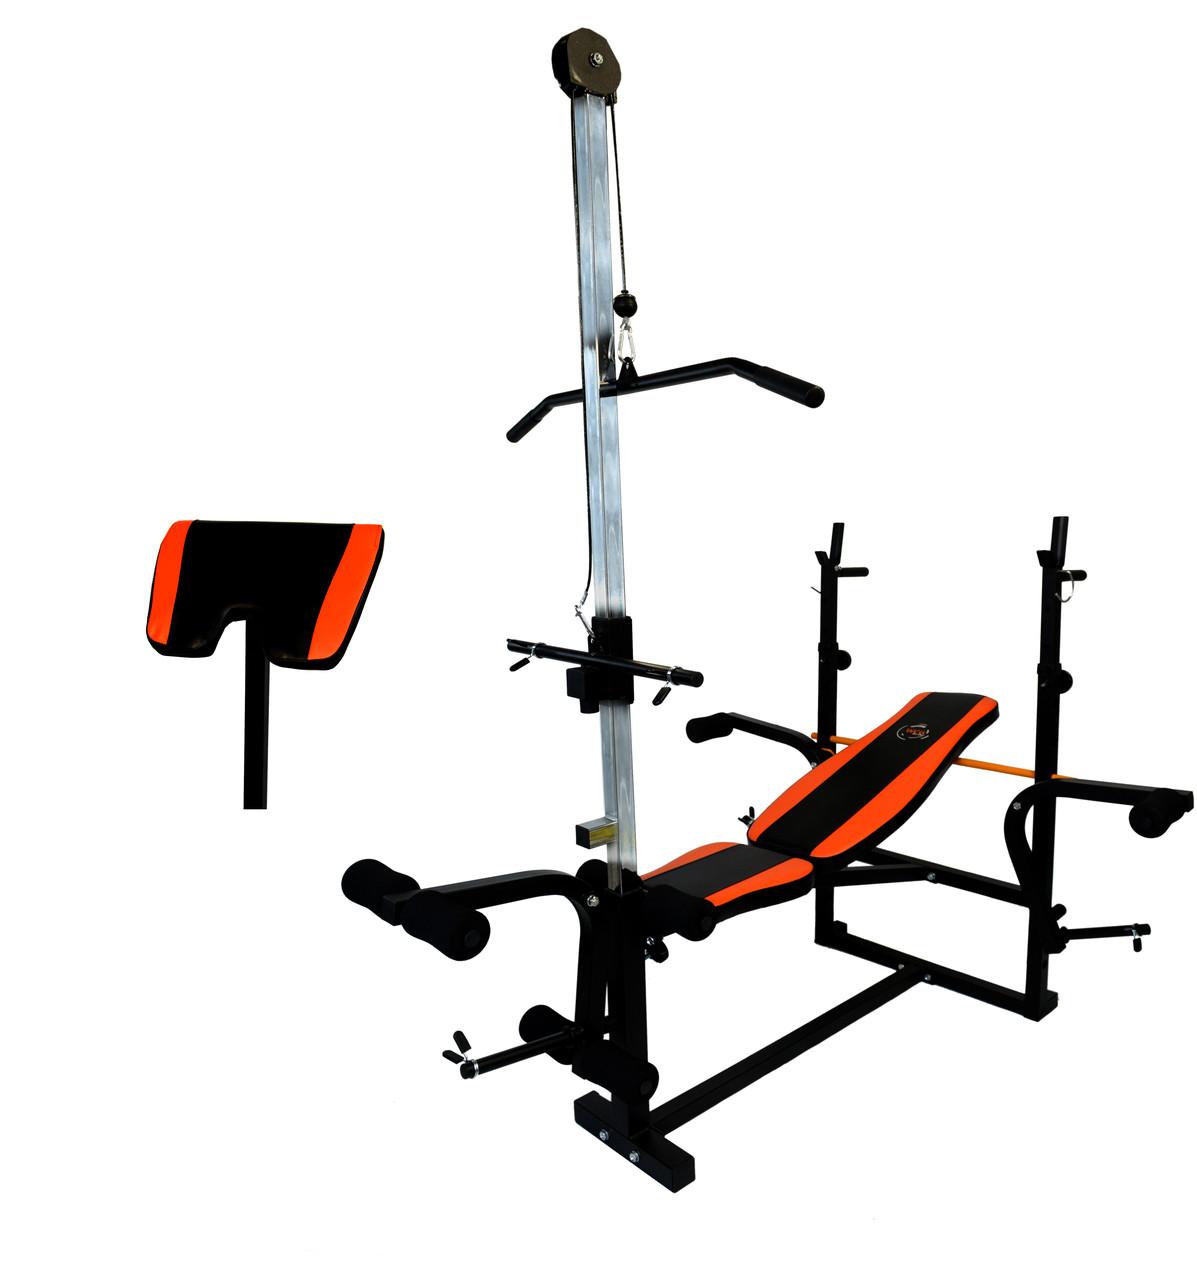 Лава тренувальна WCG 0070 + Тяга , скотта + штанга 50 кг, фото 1